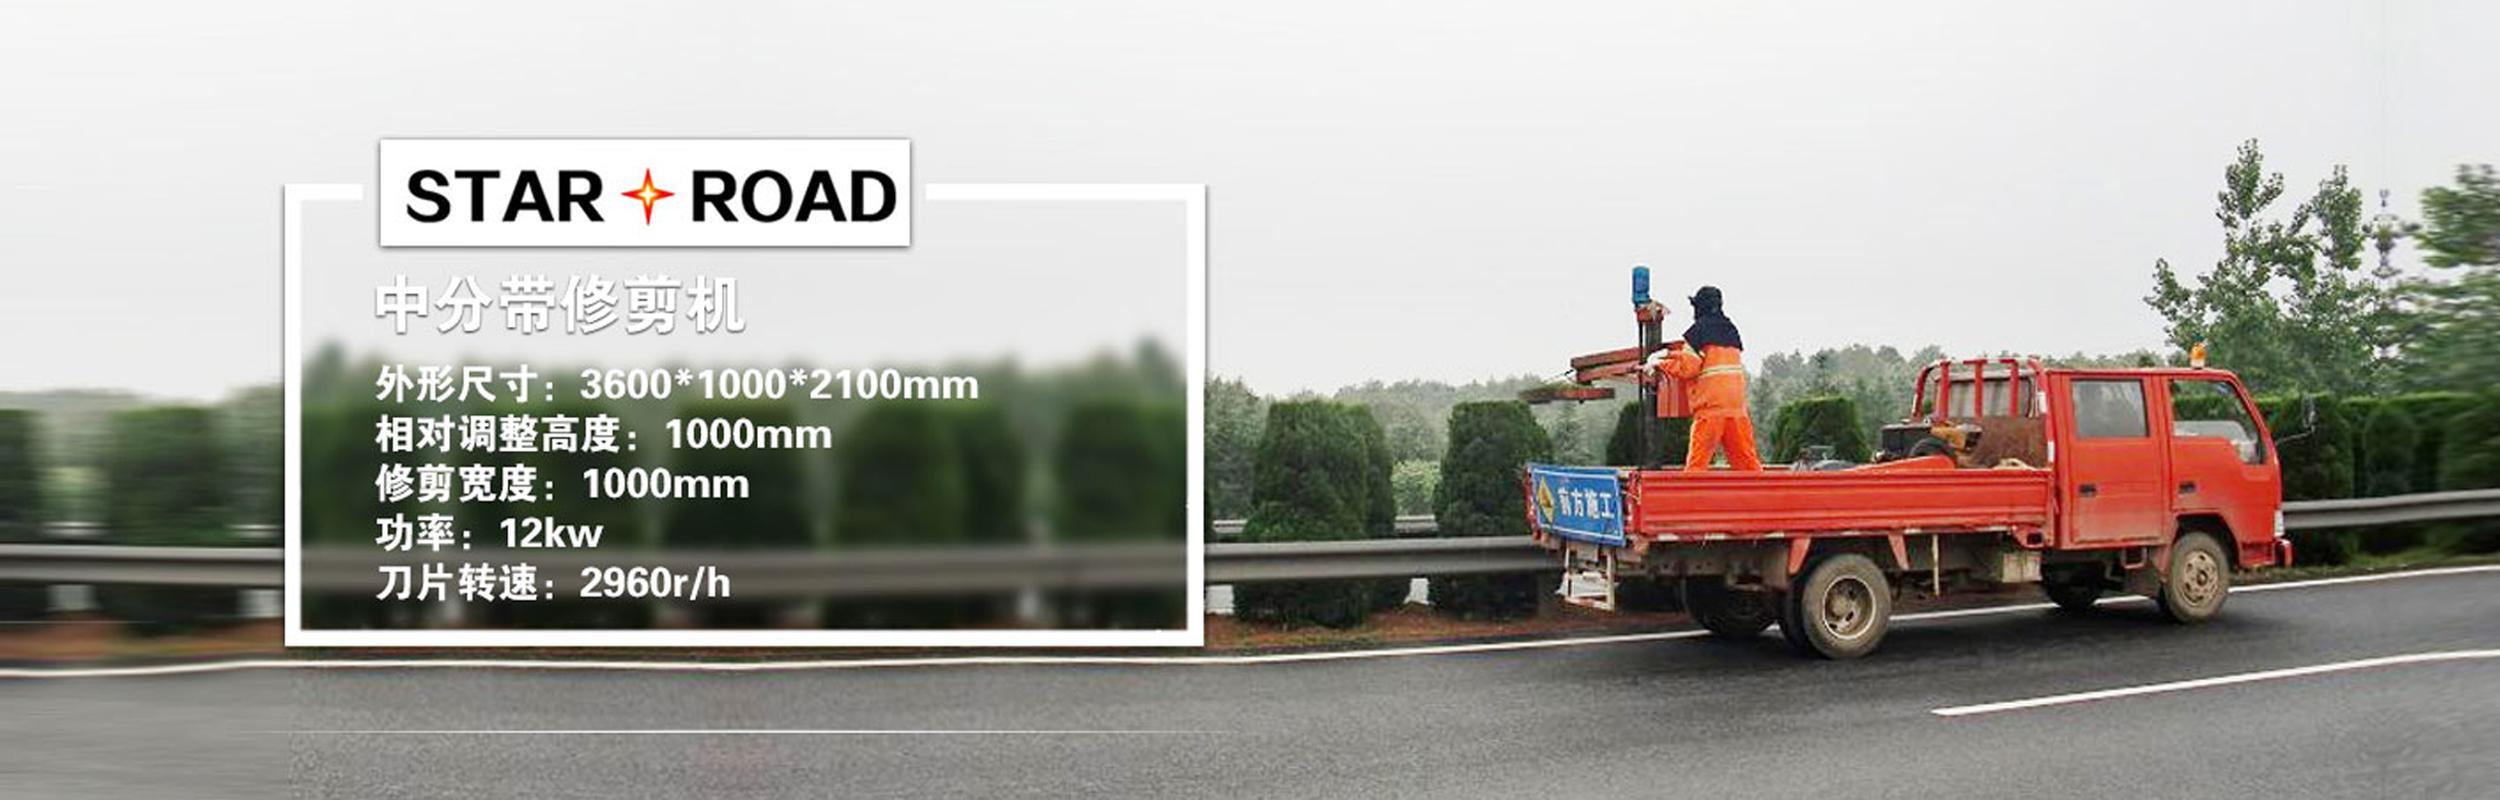 新乡市时瑞公路养护技术有限公司